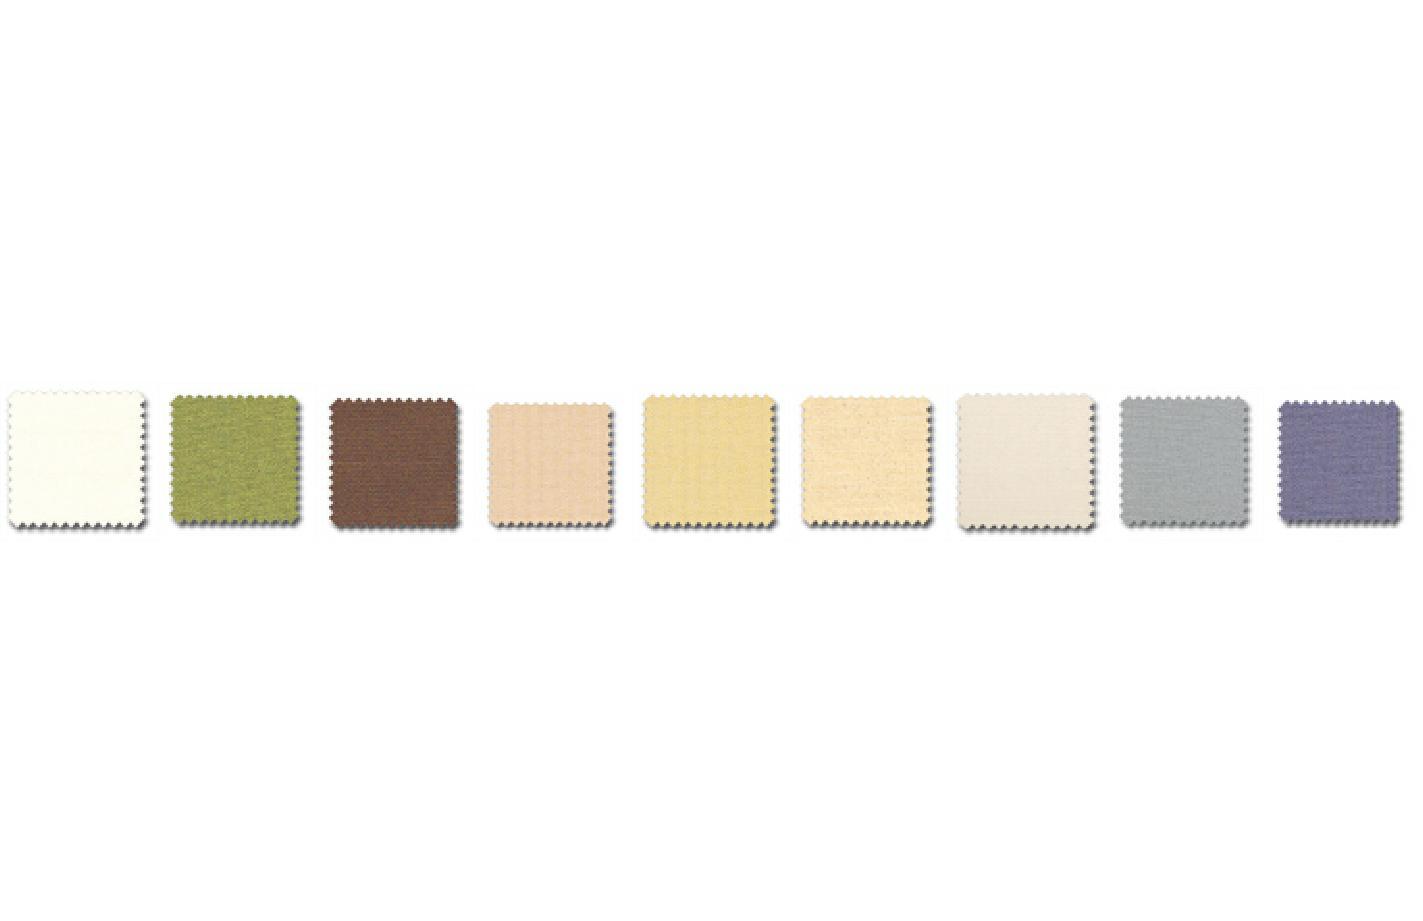 La elecci n del color de la lona para nuestro toldo - Colores de toldos ...